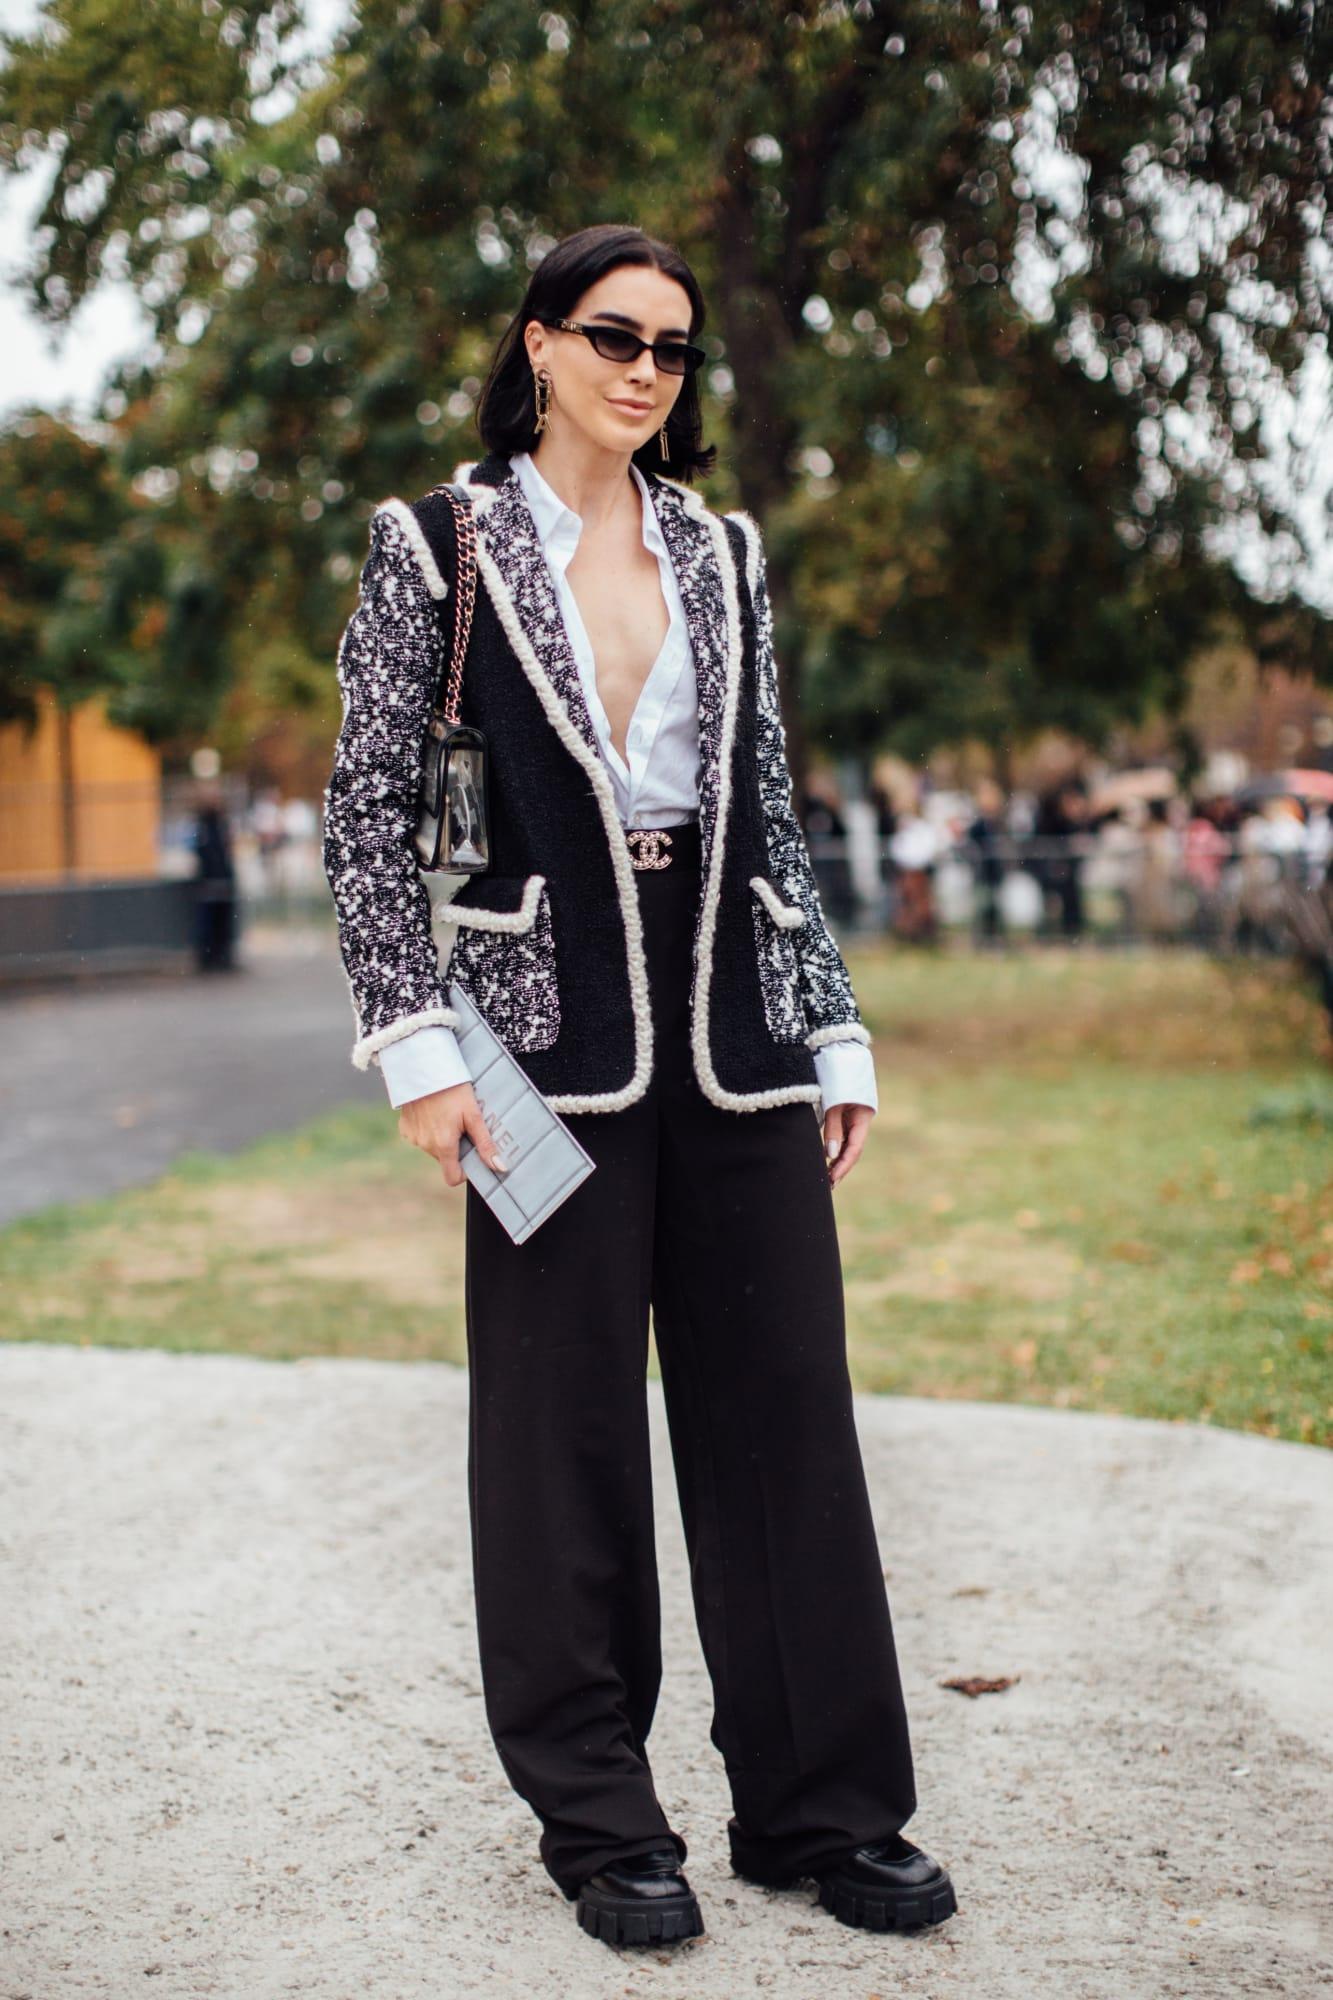 Áo khoác vải tweed phối cùng sơ mi trắng xẻ cổ